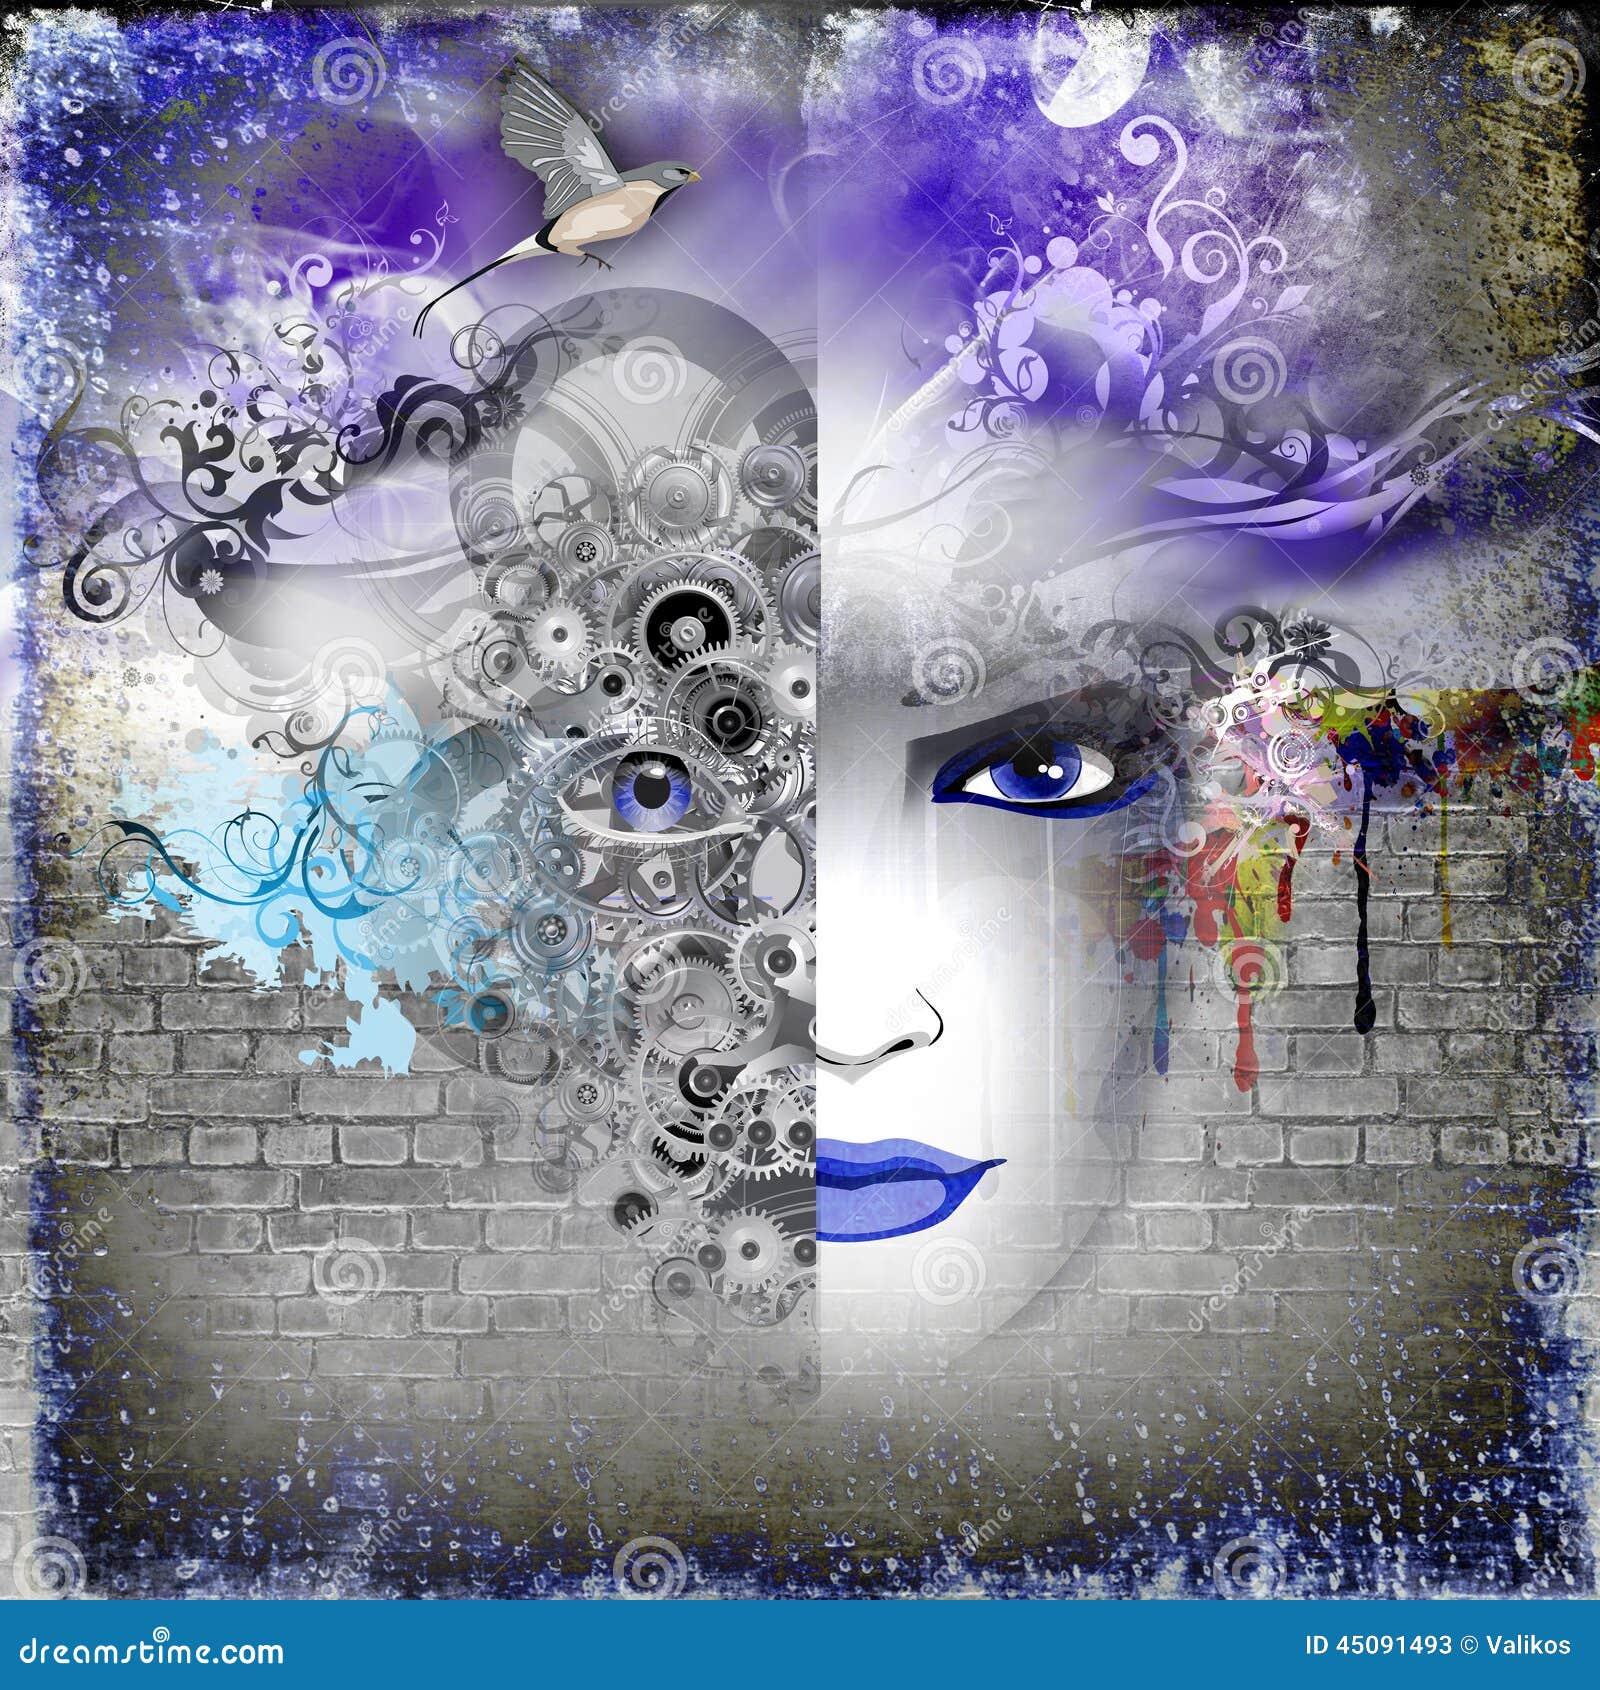 Bild Der Abstrakten Kunst Mit Frau Stock Abbildung Illustration Von Bild Kunst 45091493